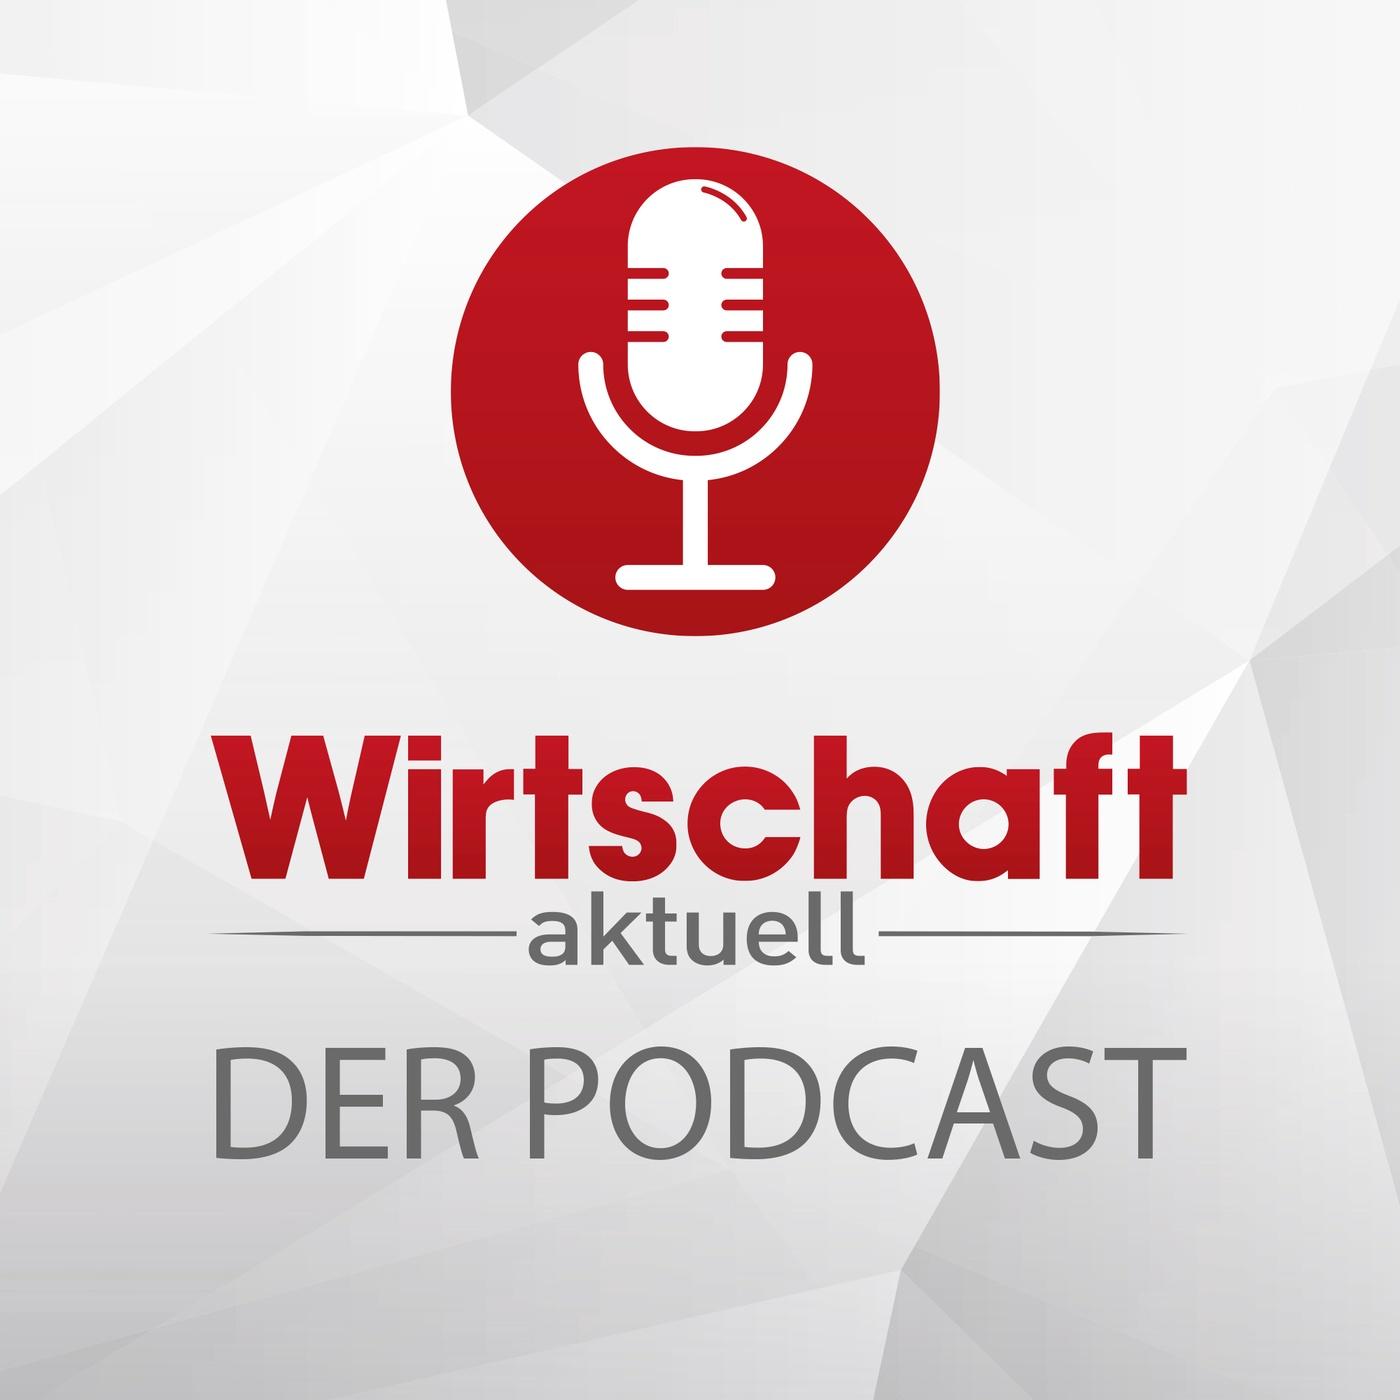 Wirtschaft aktuell - Der Podcast